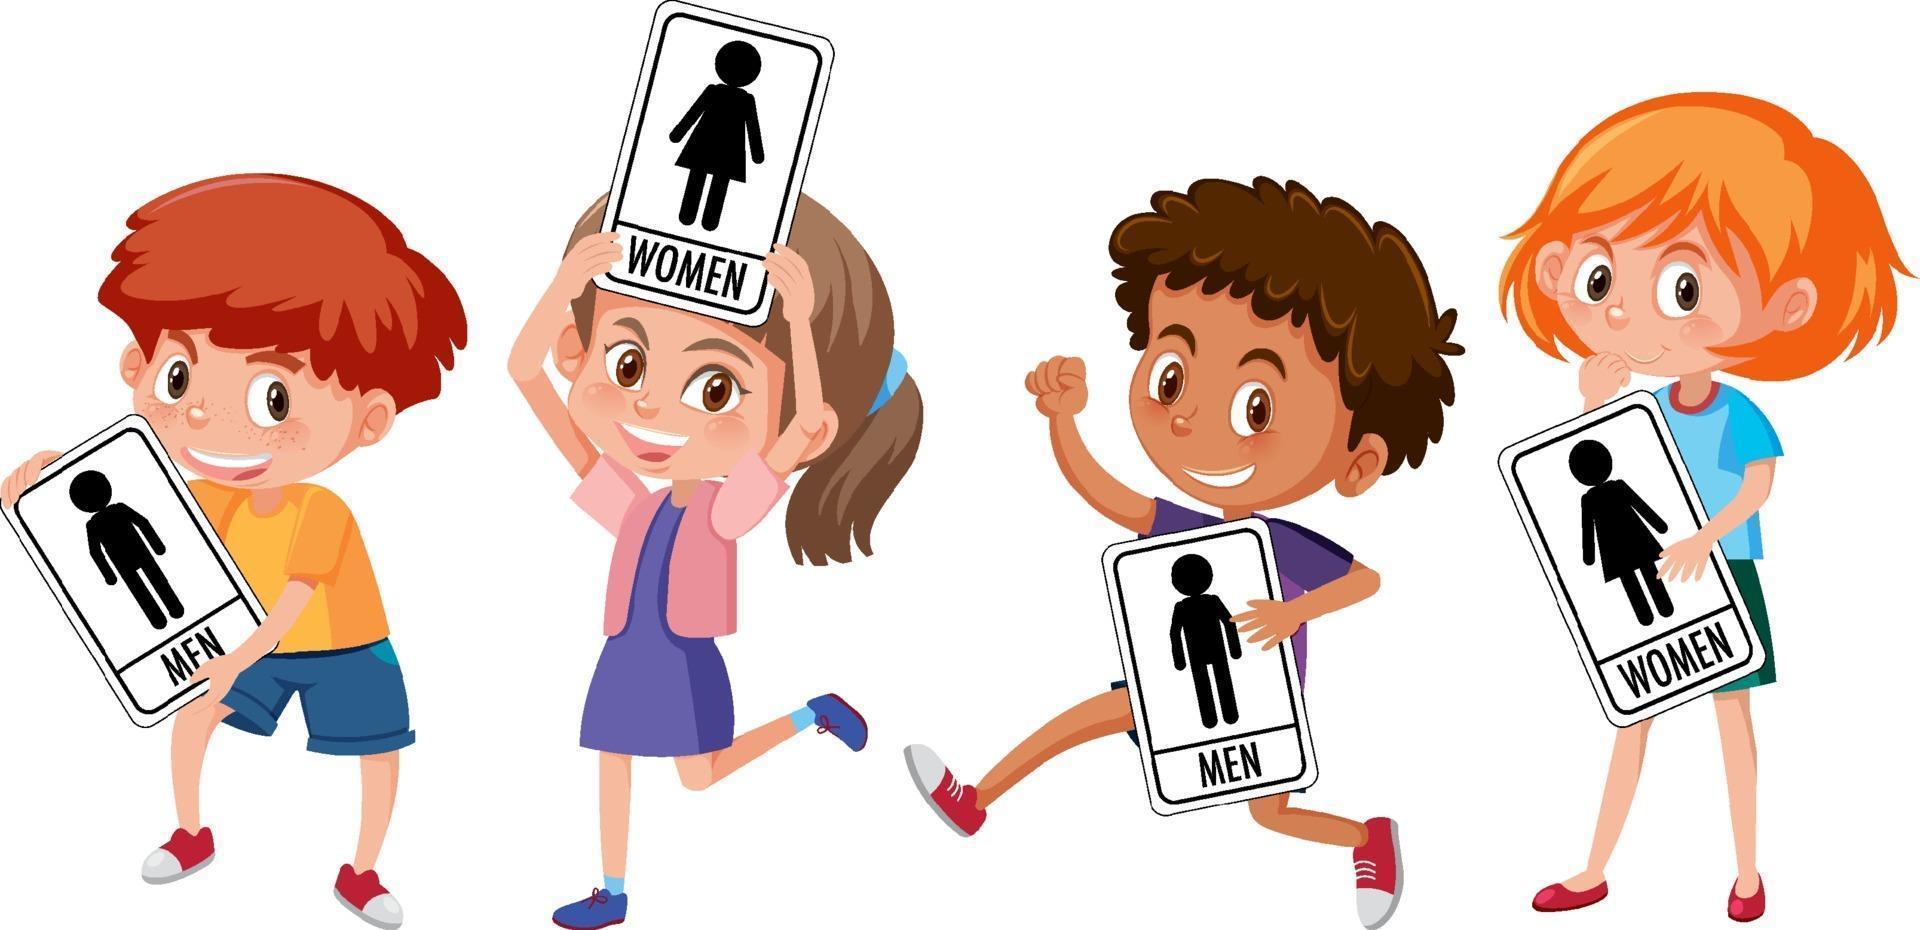 uppsättning av olika barn håller toalett skylt isolerad på vit bakgrund vektor